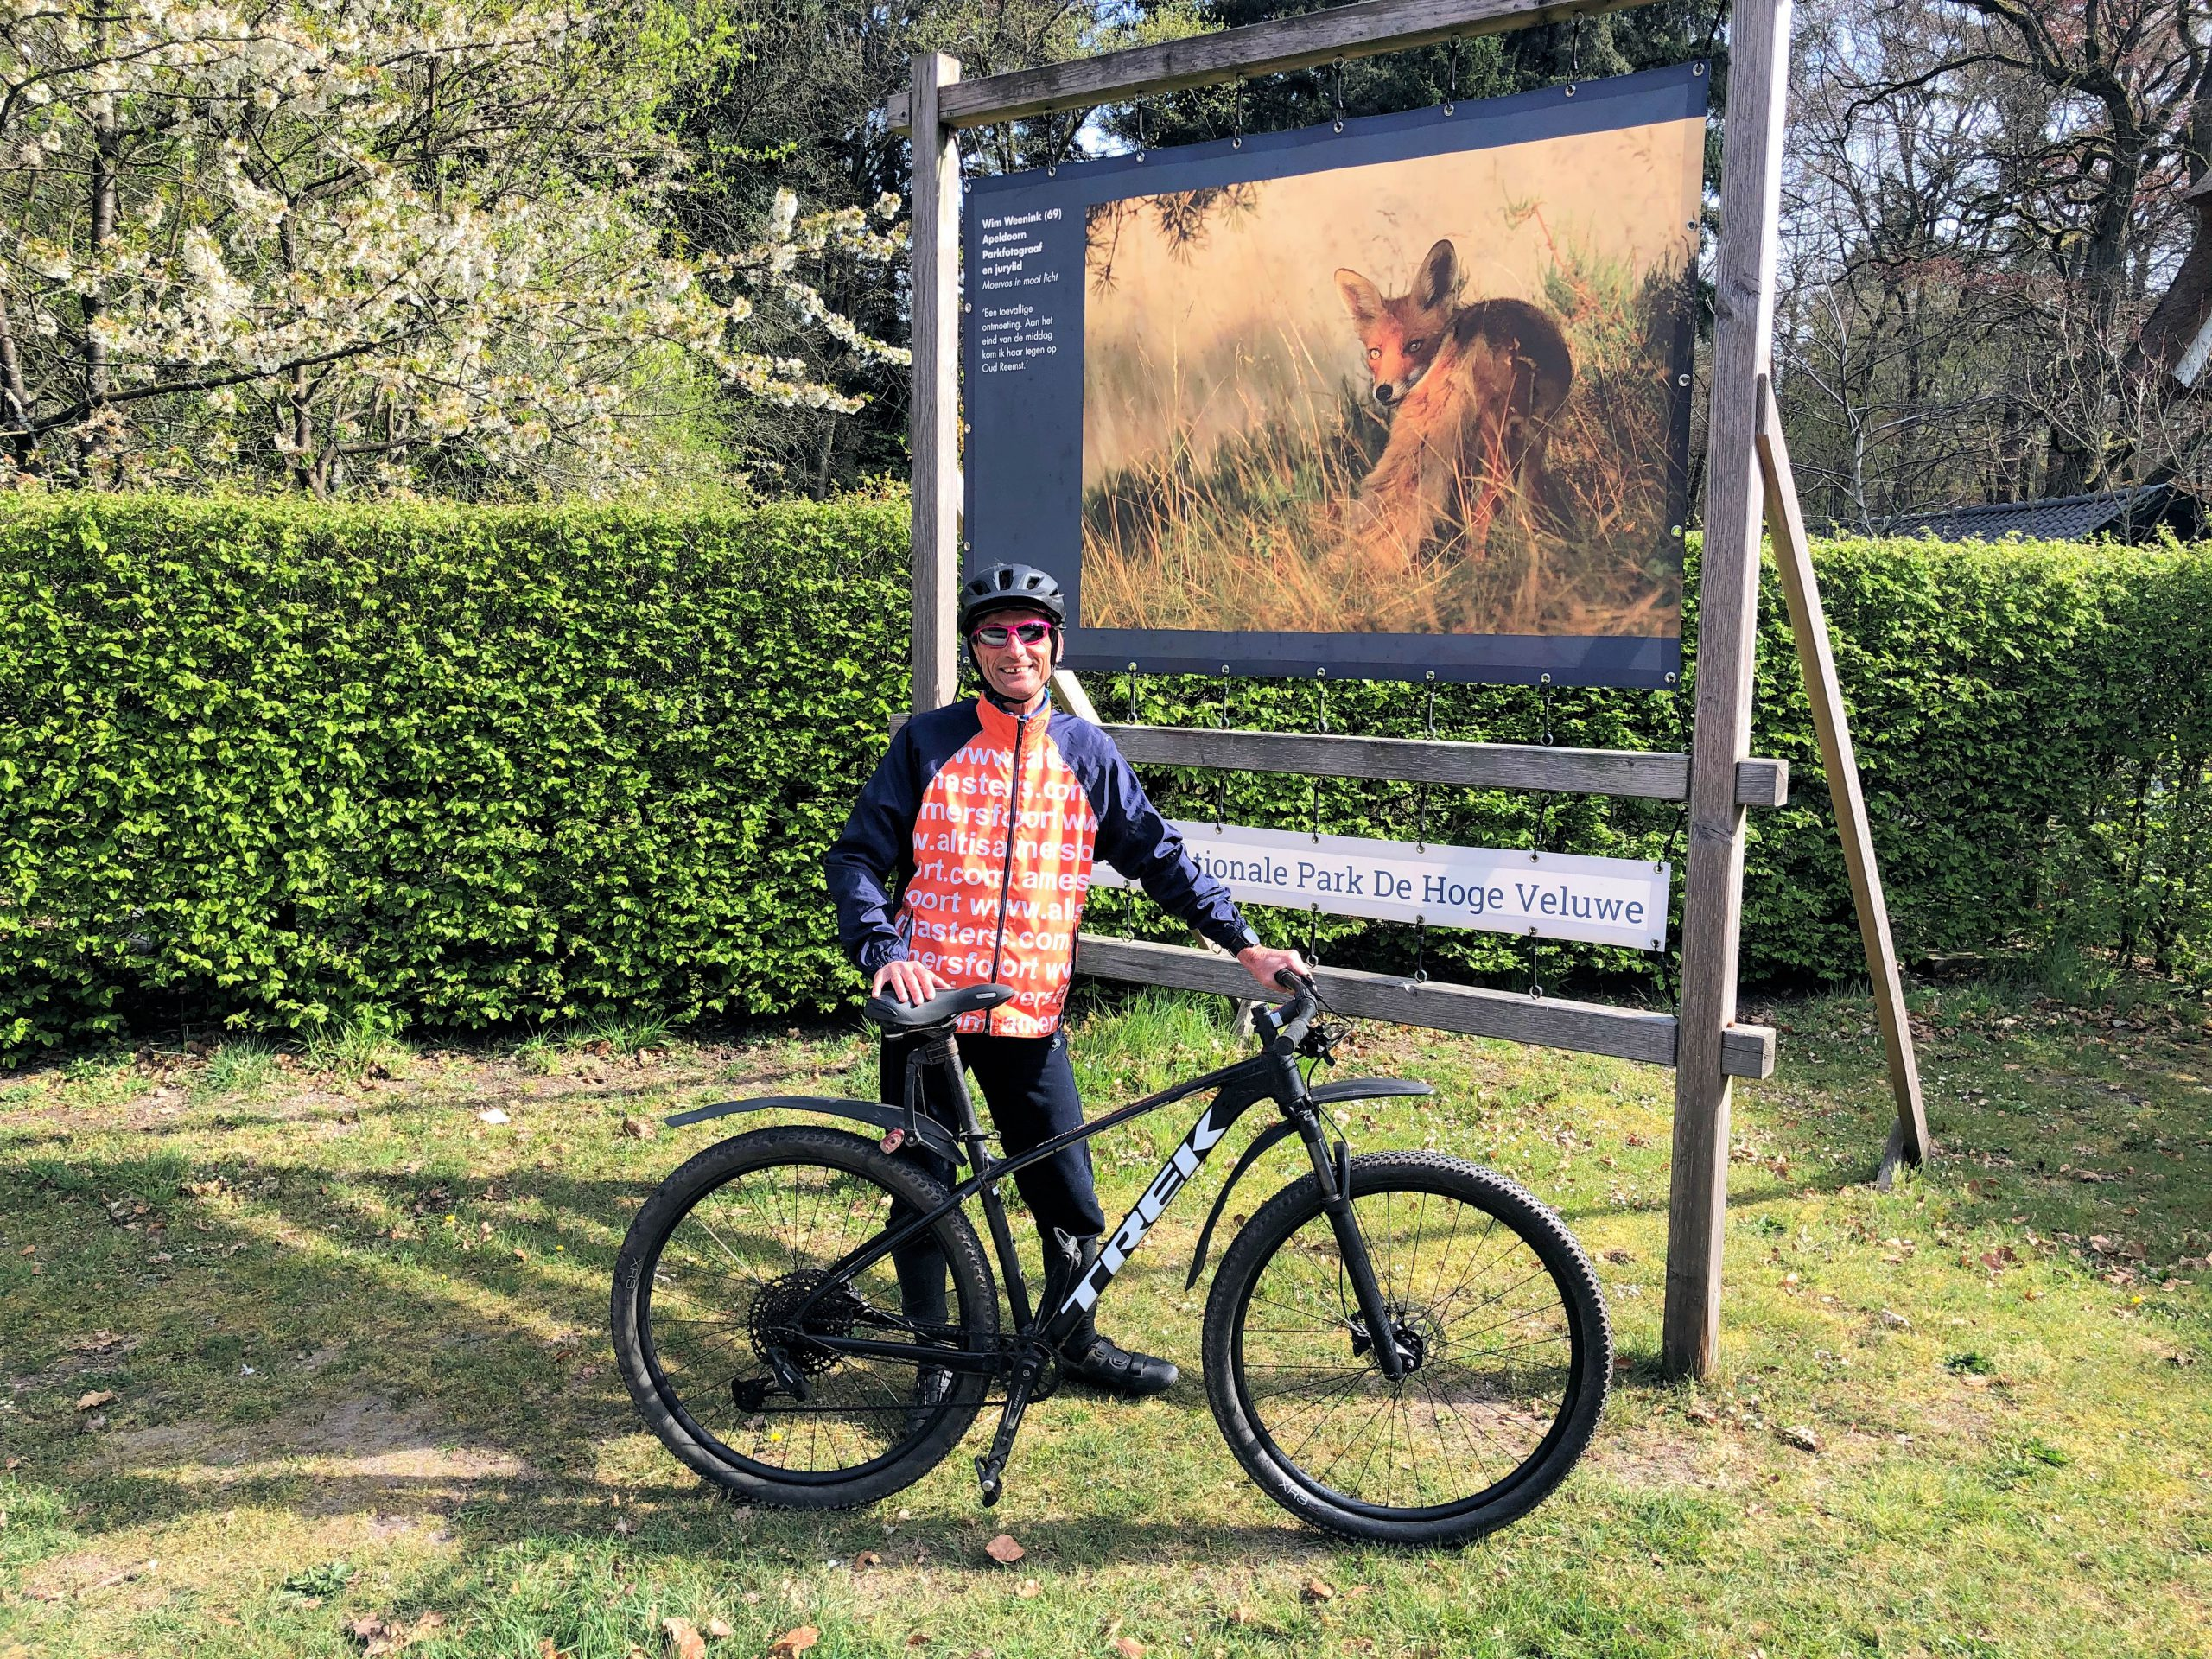 Am I a runner or a biker? Part 1